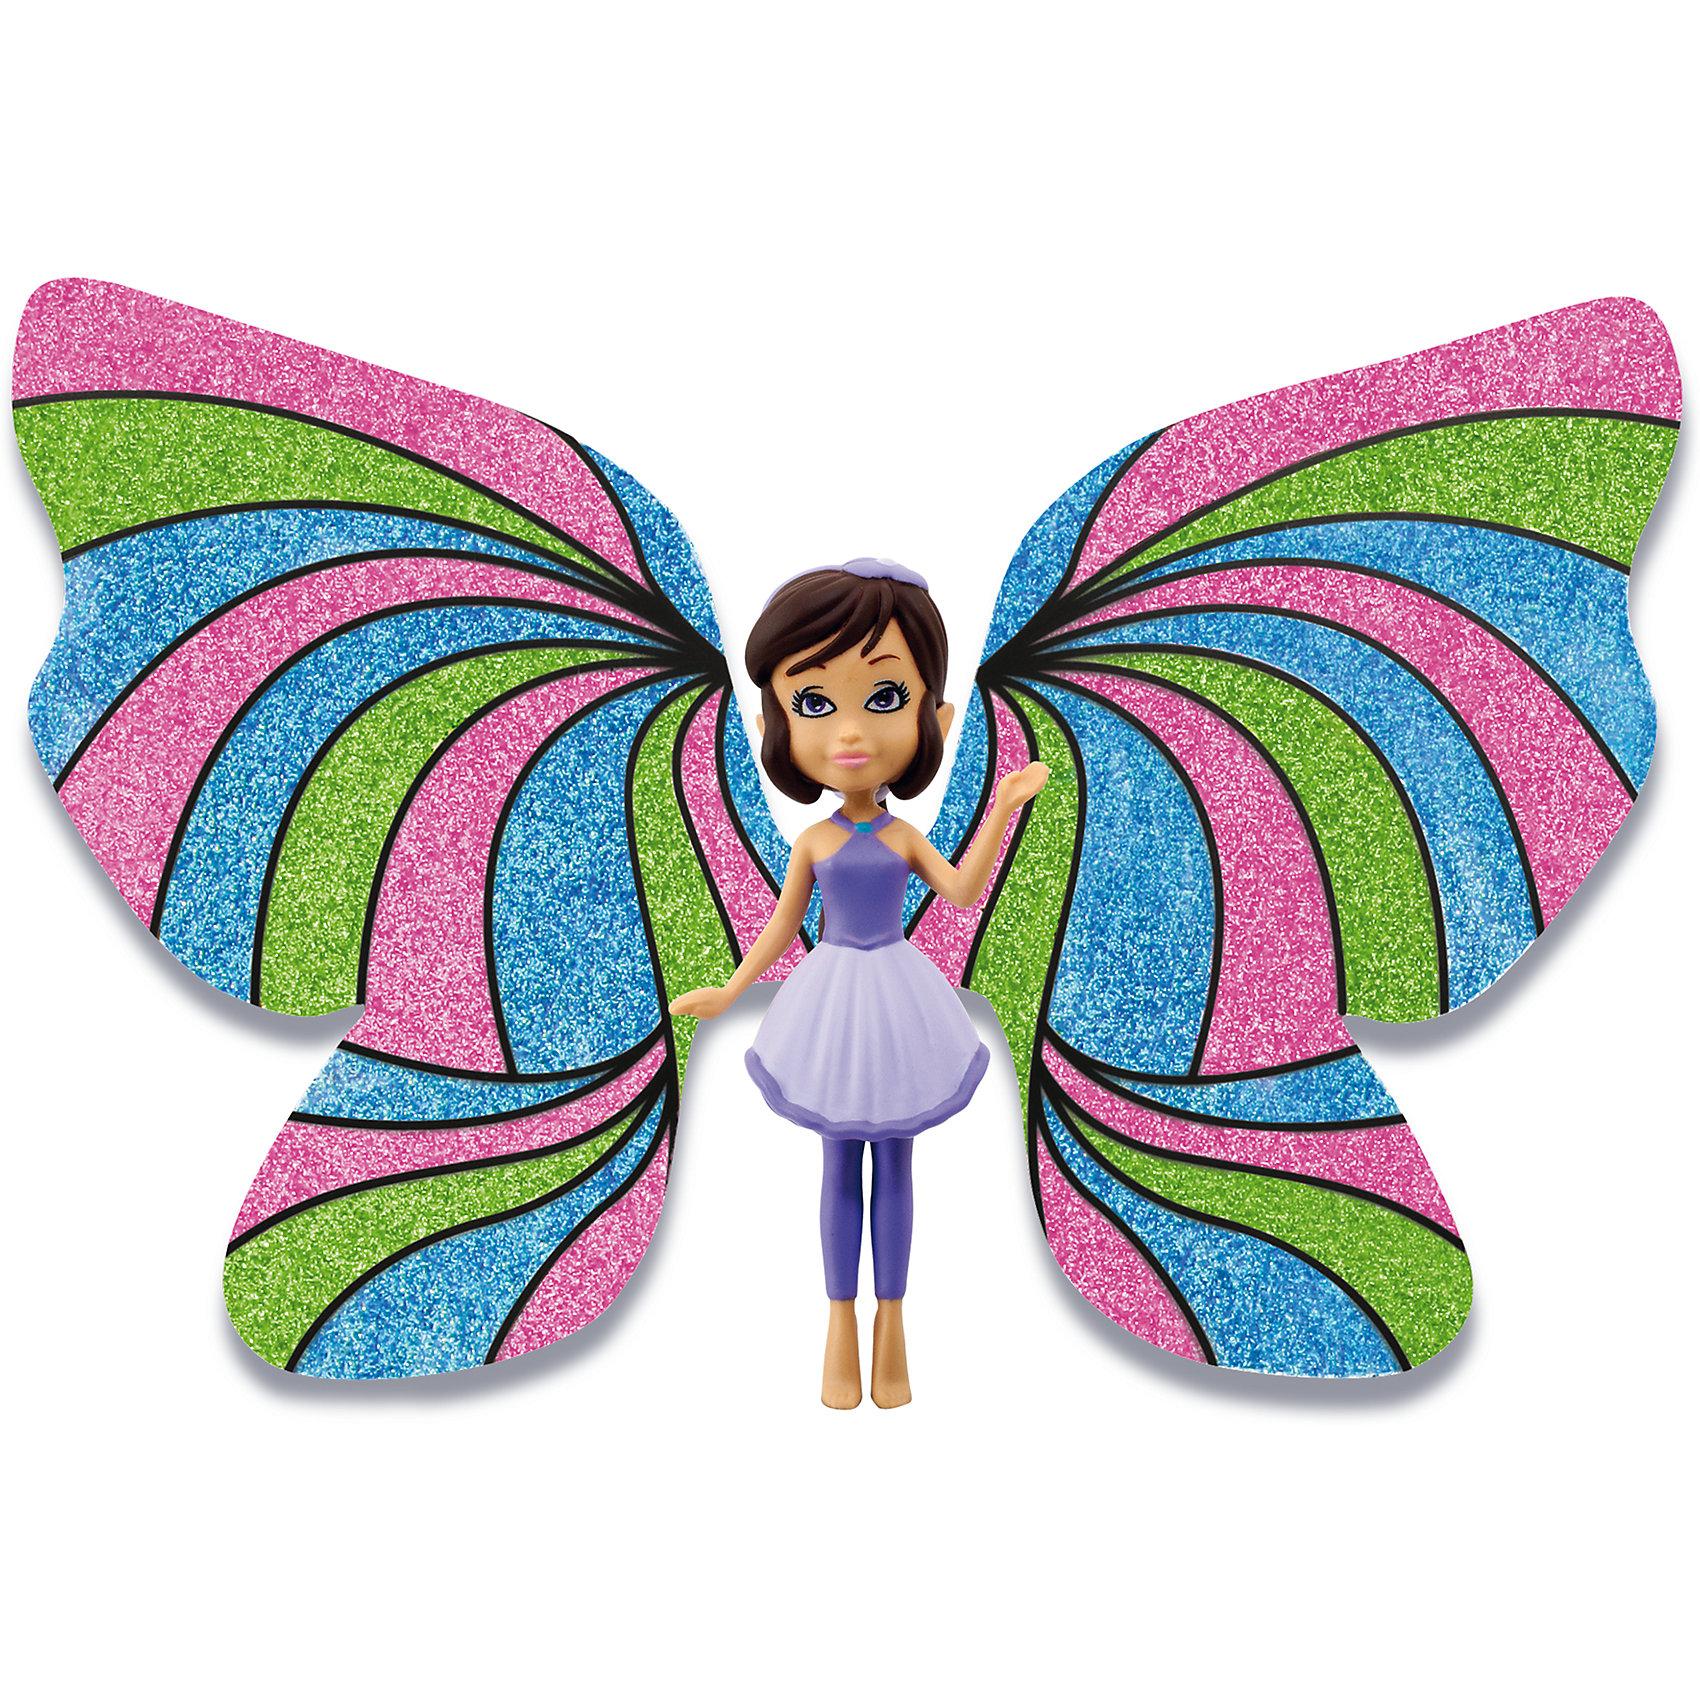 Игровой набор Фея Фиалка, Shimmer WingСюжетно-ролевые игры<br>Собирай фей и питомцев, декорируй им крылья различными способами, и любуйся!<br>В набор входит -фея, питомец, подставка для феи, крылья для феи и для питомца, аксессуары для декорирования крыльев.<br><br>Ширина мм: 90<br>Глубина мм: 200<br>Высота мм: 210<br>Вес г: 141<br>Возраст от месяцев: 60<br>Возраст до месяцев: 2147483647<br>Пол: Женский<br>Возраст: Детский<br>SKU: 5478834